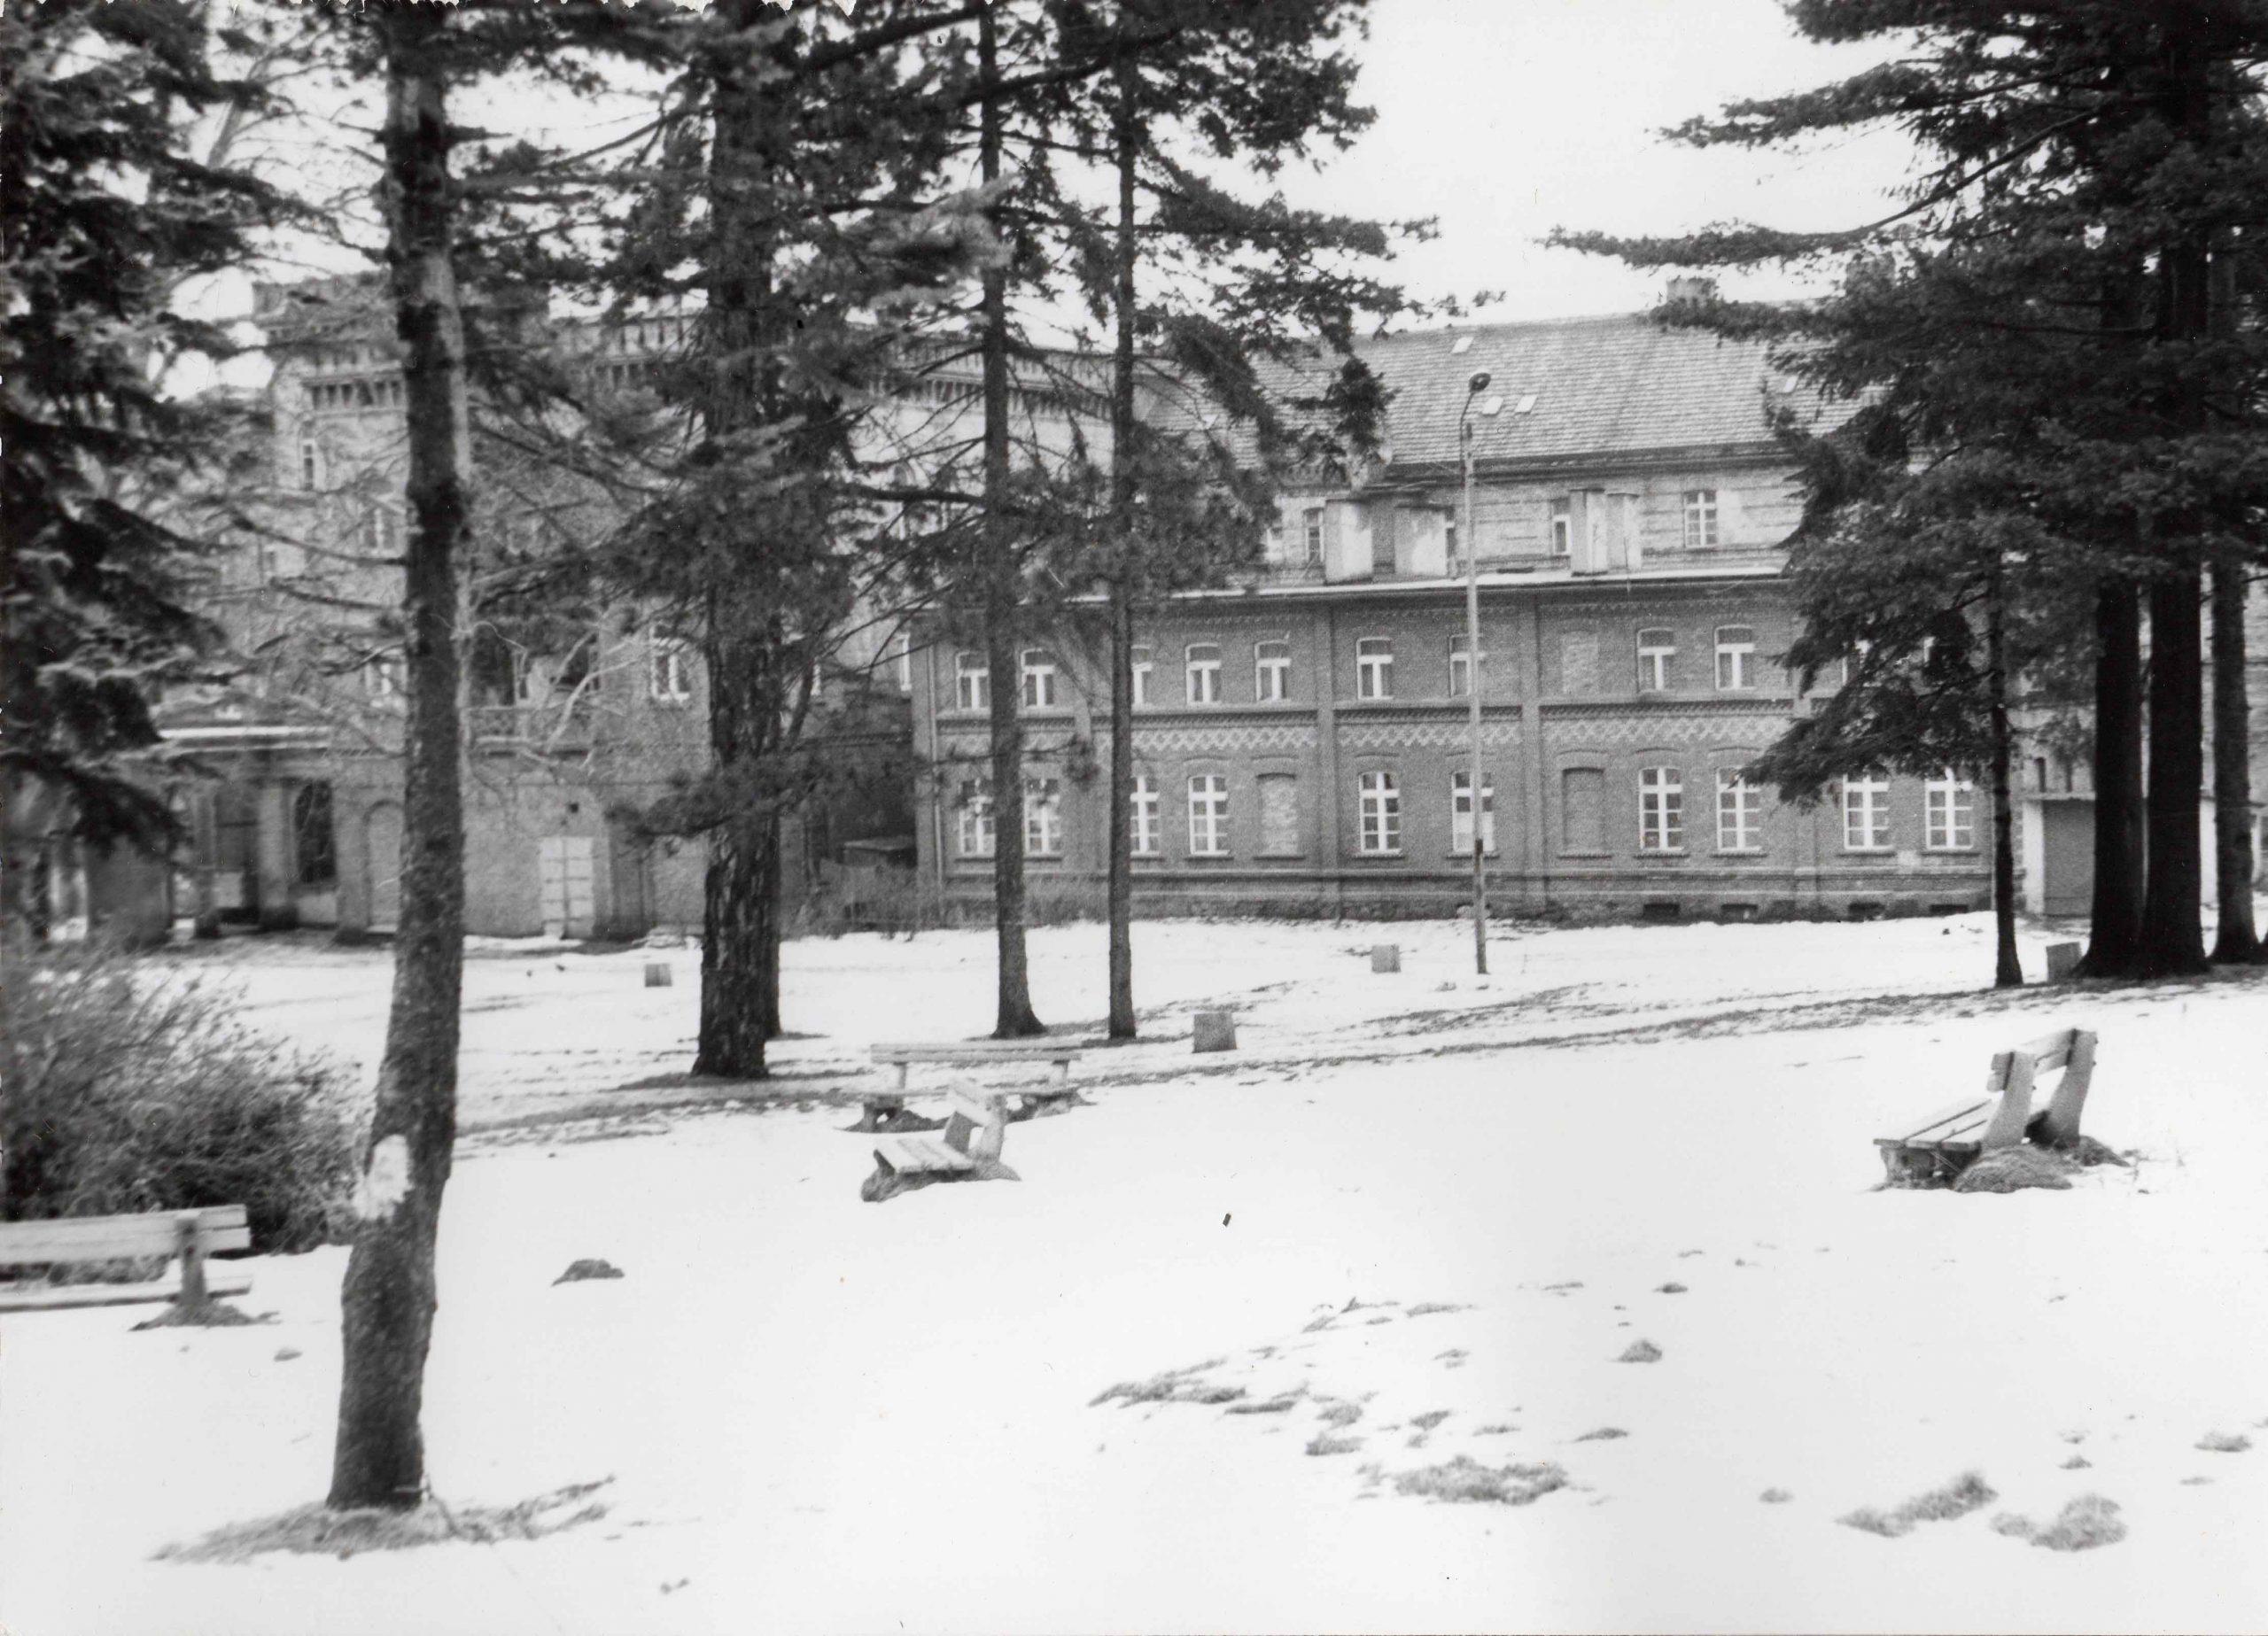 Ewidencja żarowskiego założenia ogrodowo-parkowego 1987 (3)